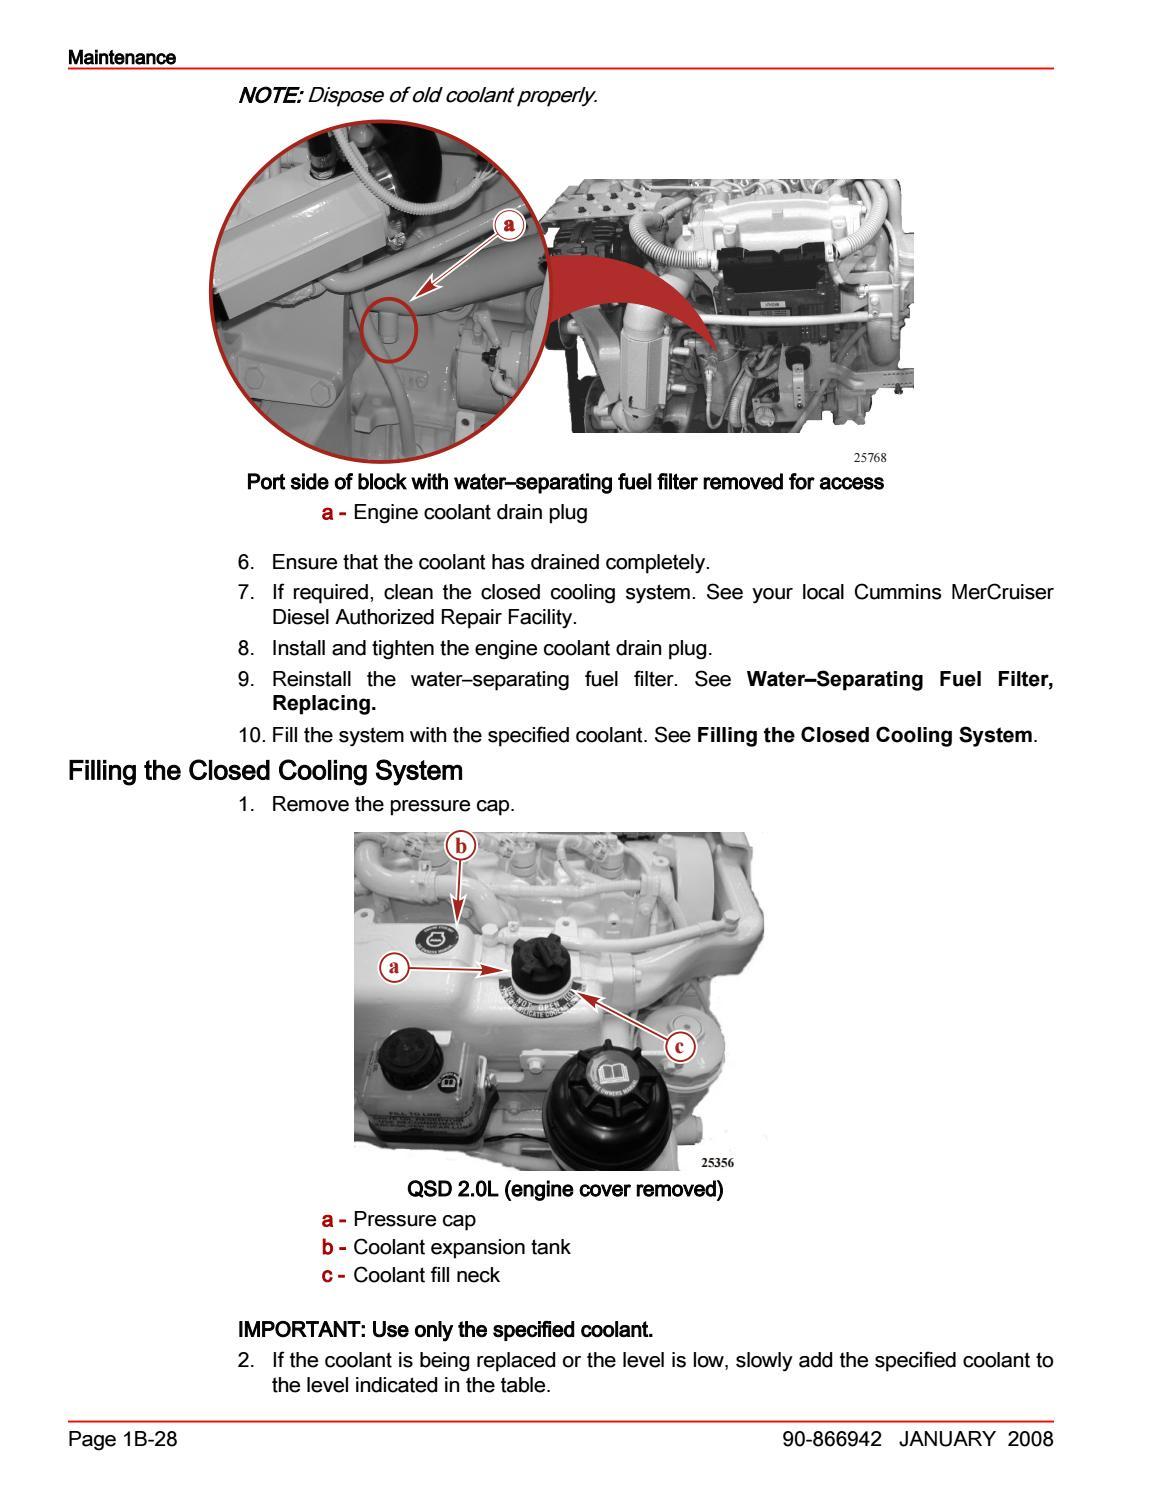 CUMMINS MERCRUISER QSD 2.0L DIESEL ENGINE Service Repair